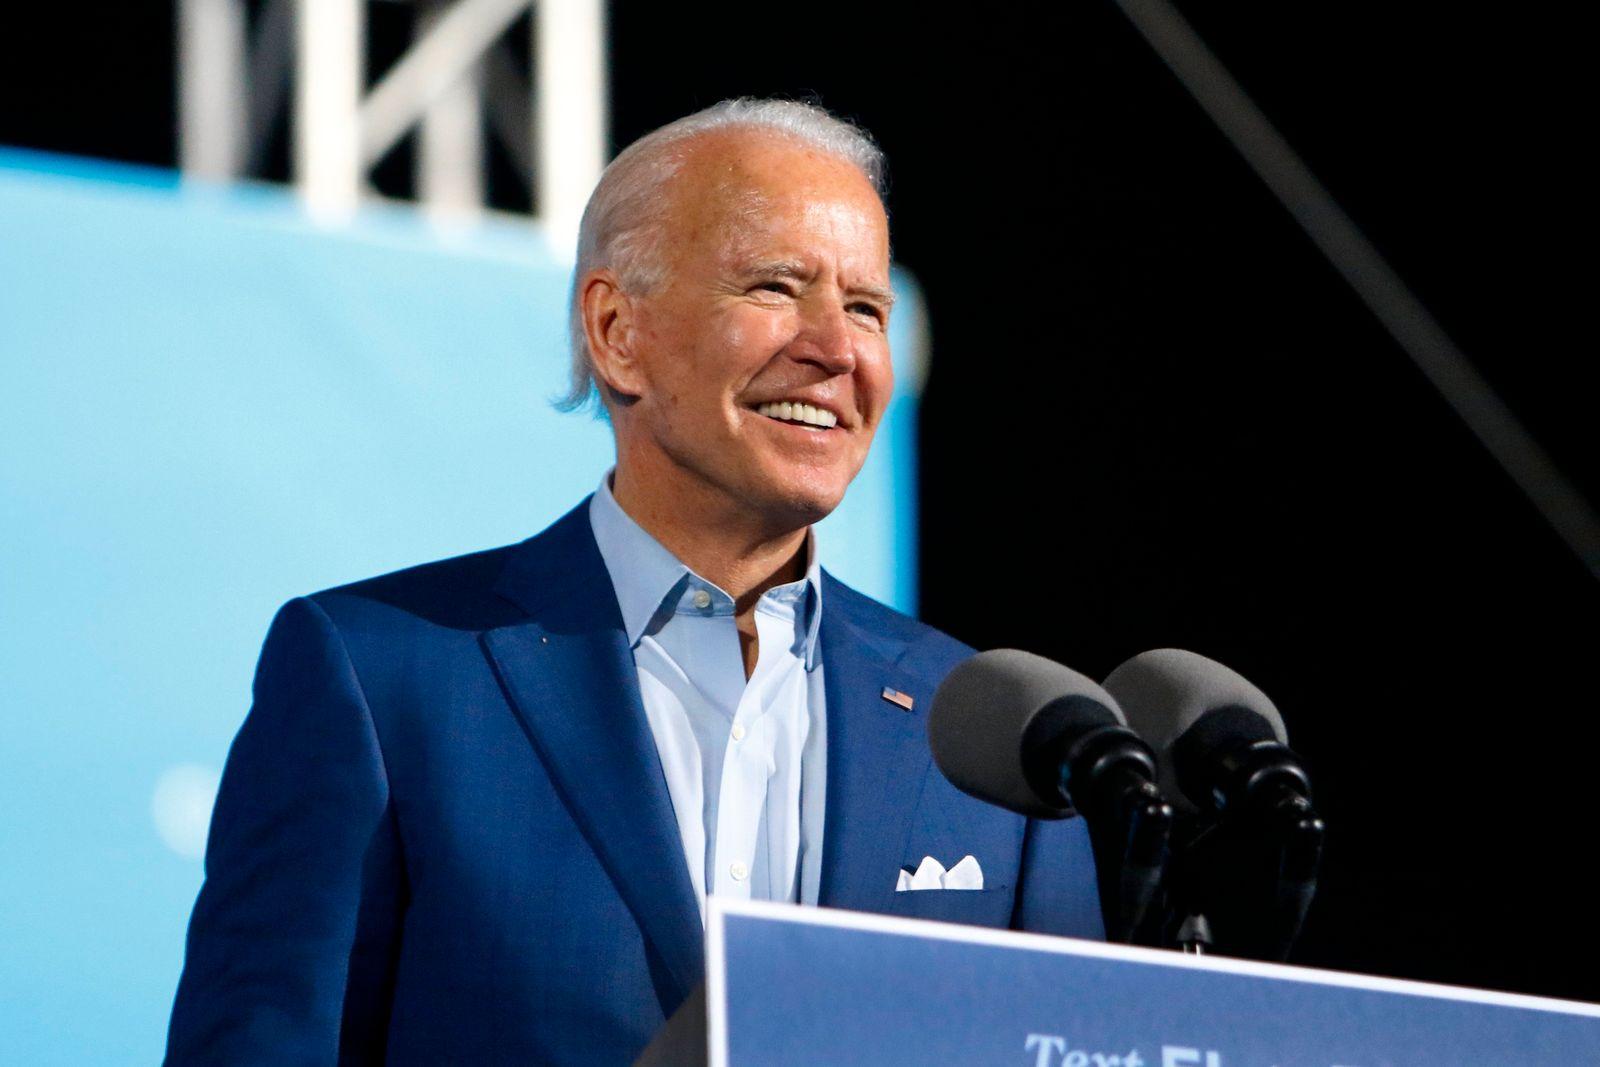 Wahlkampf in den USA · Biden